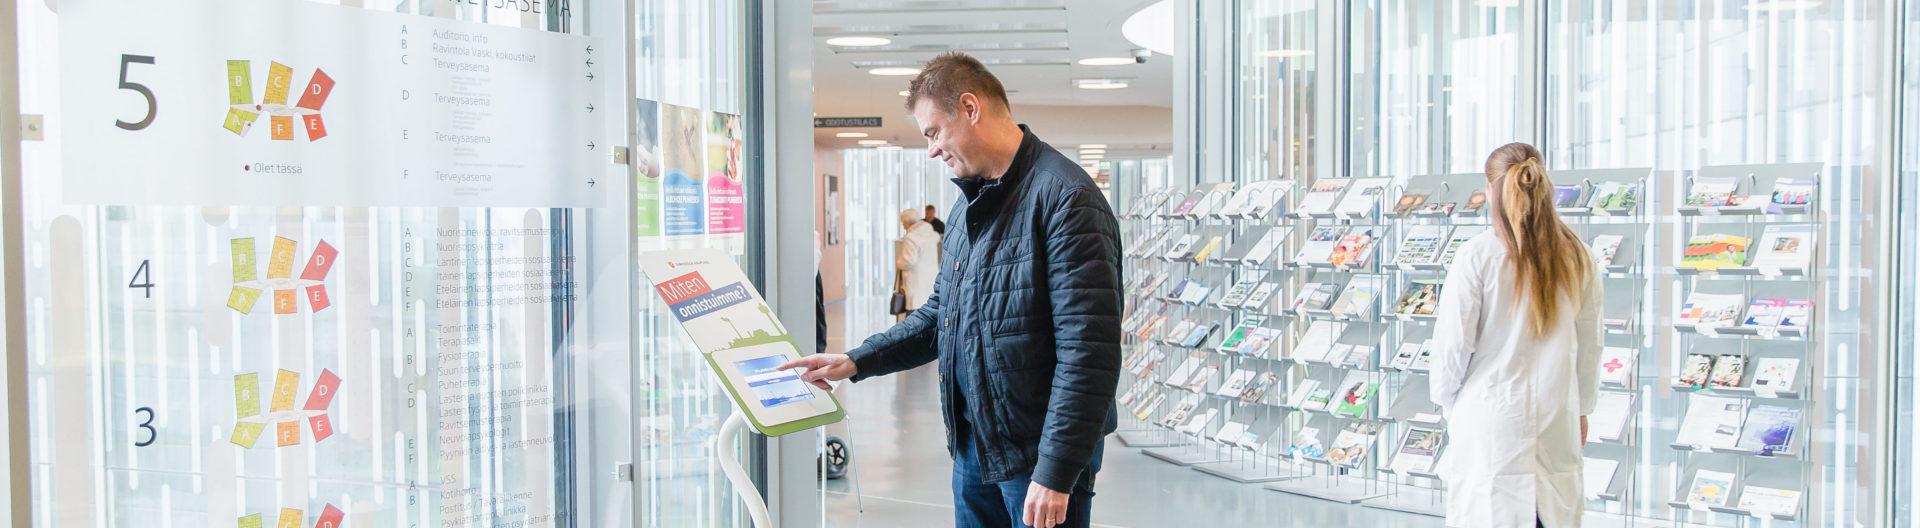 tablet-teline, asiakaspalautelaite, palautelaite, julkisen terveydenhuollon asiakaspalaute